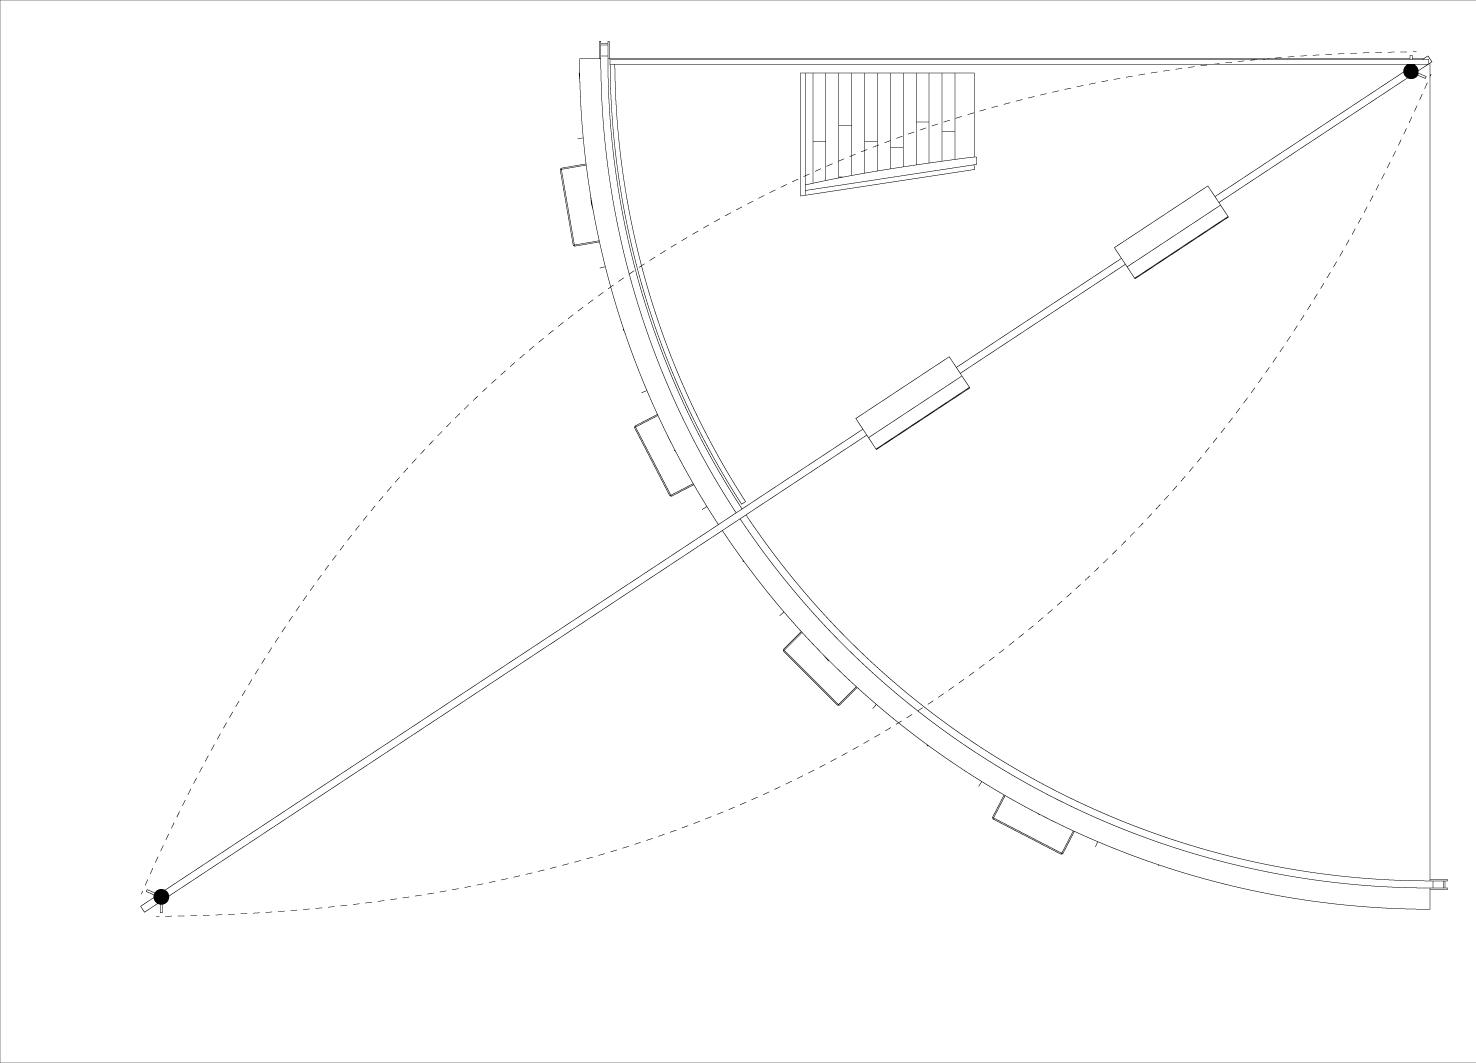 170628 drawings-02.jpg